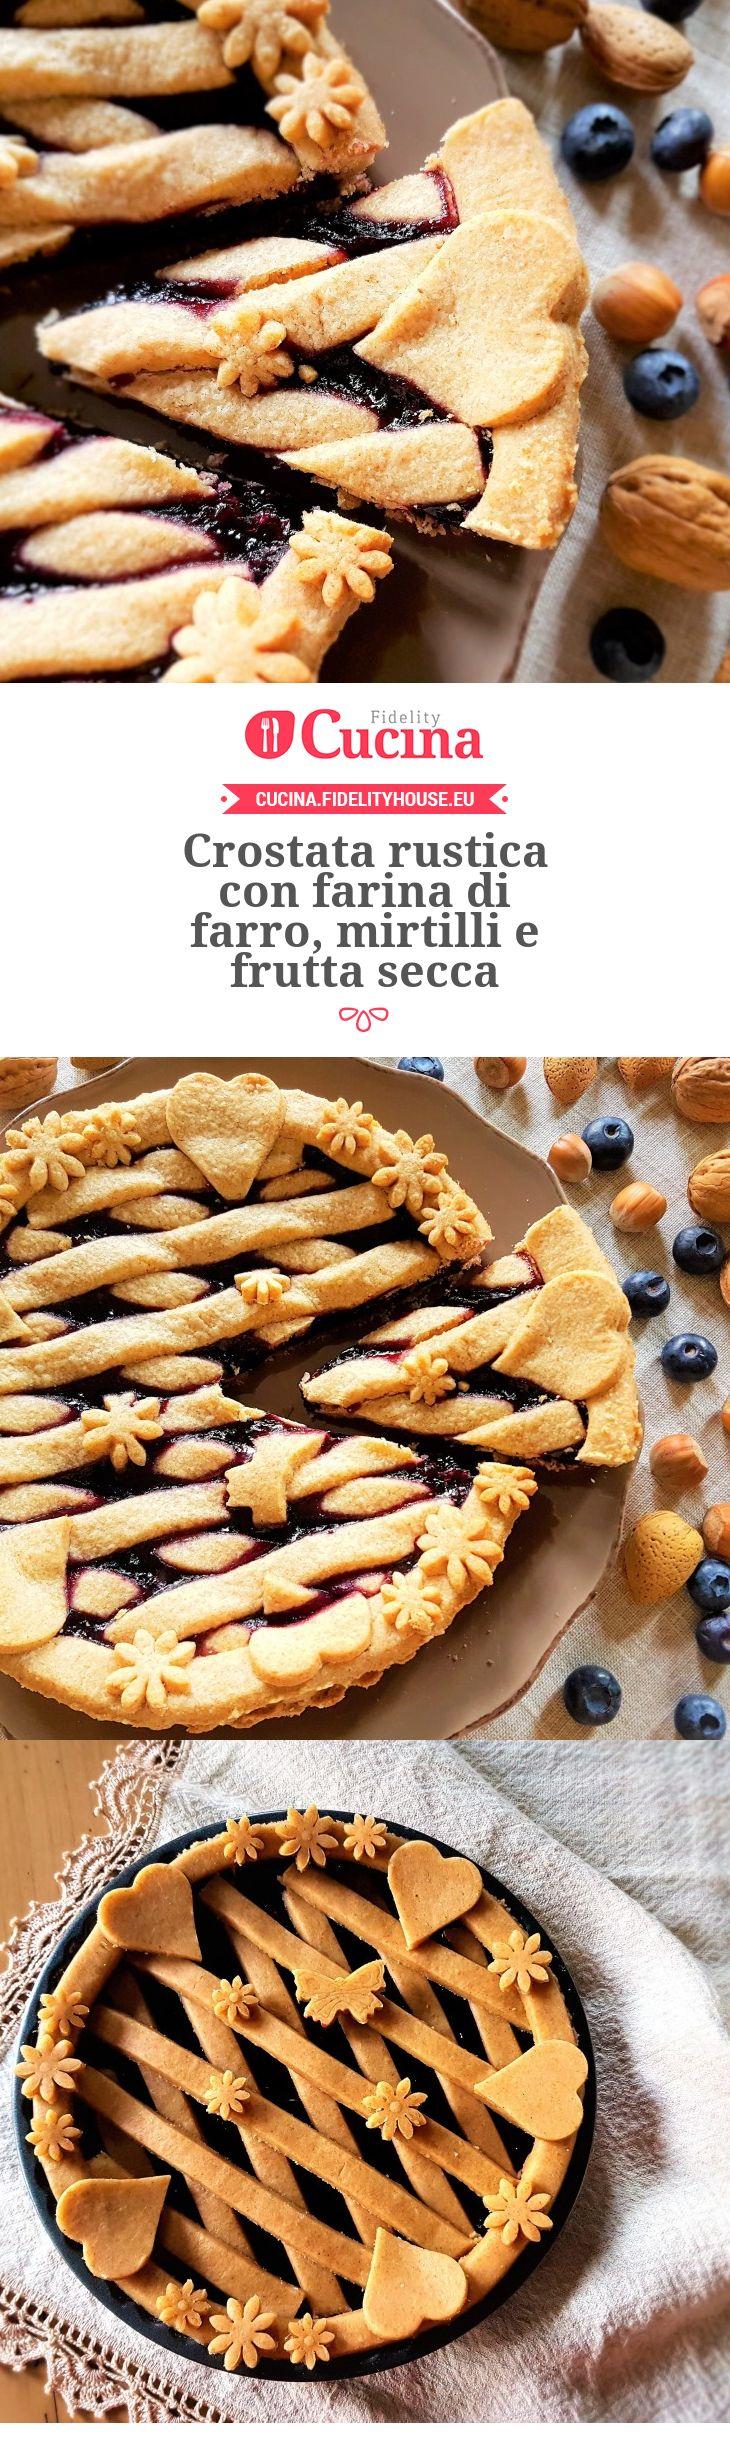 Crostata rustica con farina di farro, mirtilli e frutta secca della nostra utente Grazia. Unisciti alla nostra Community ed invia le tue ricette!